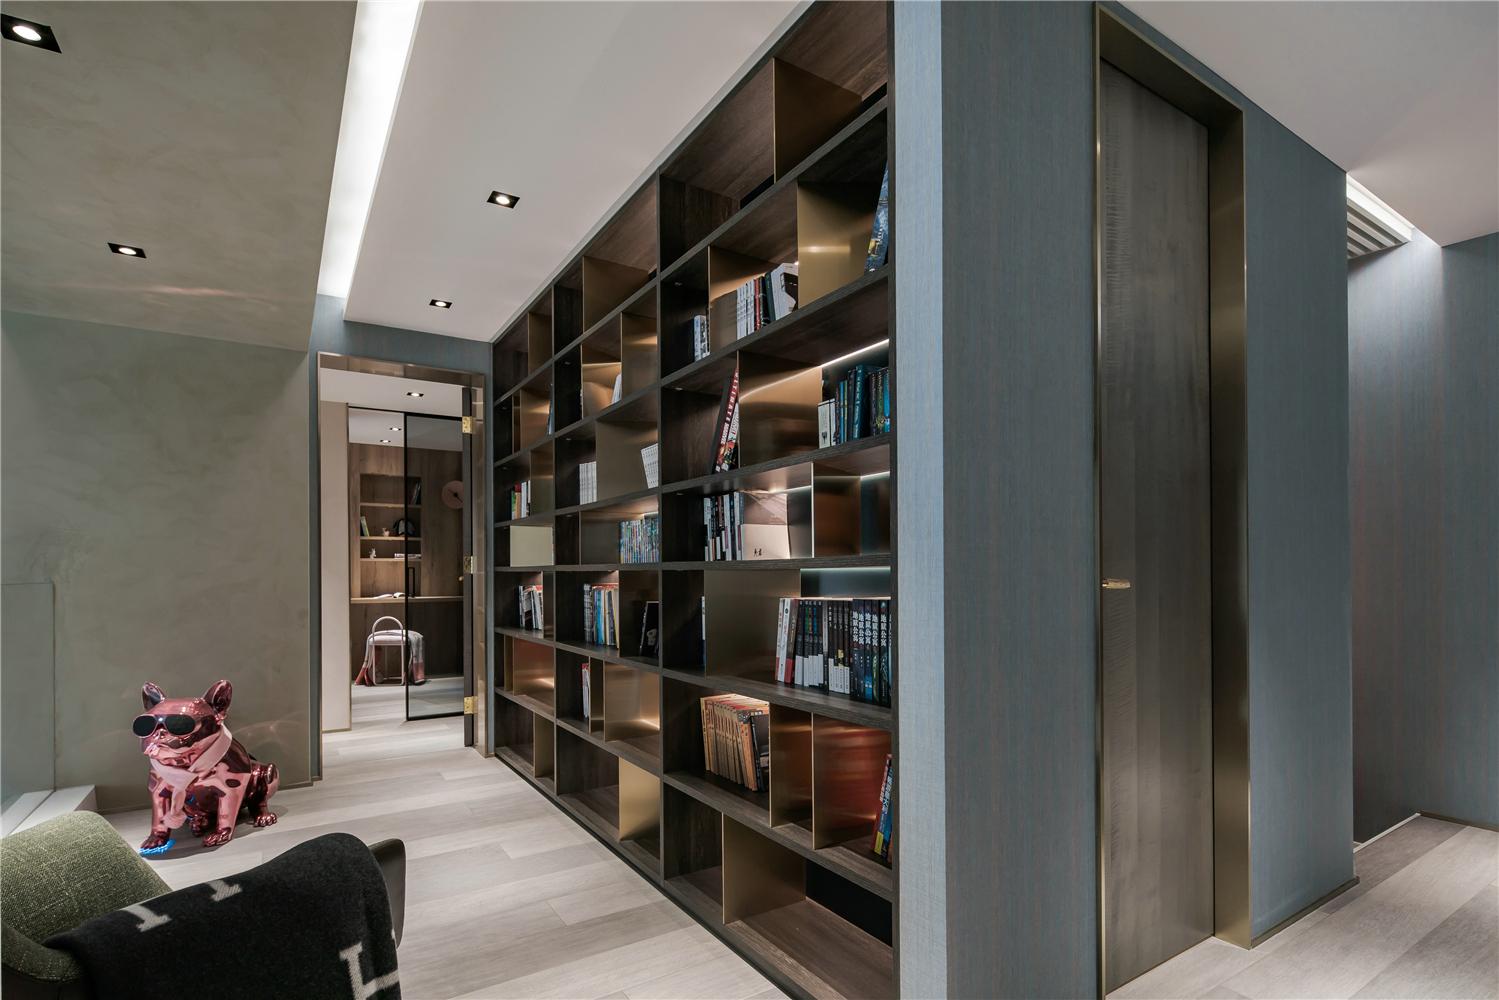 300㎡复式公寓书柜装修效果图